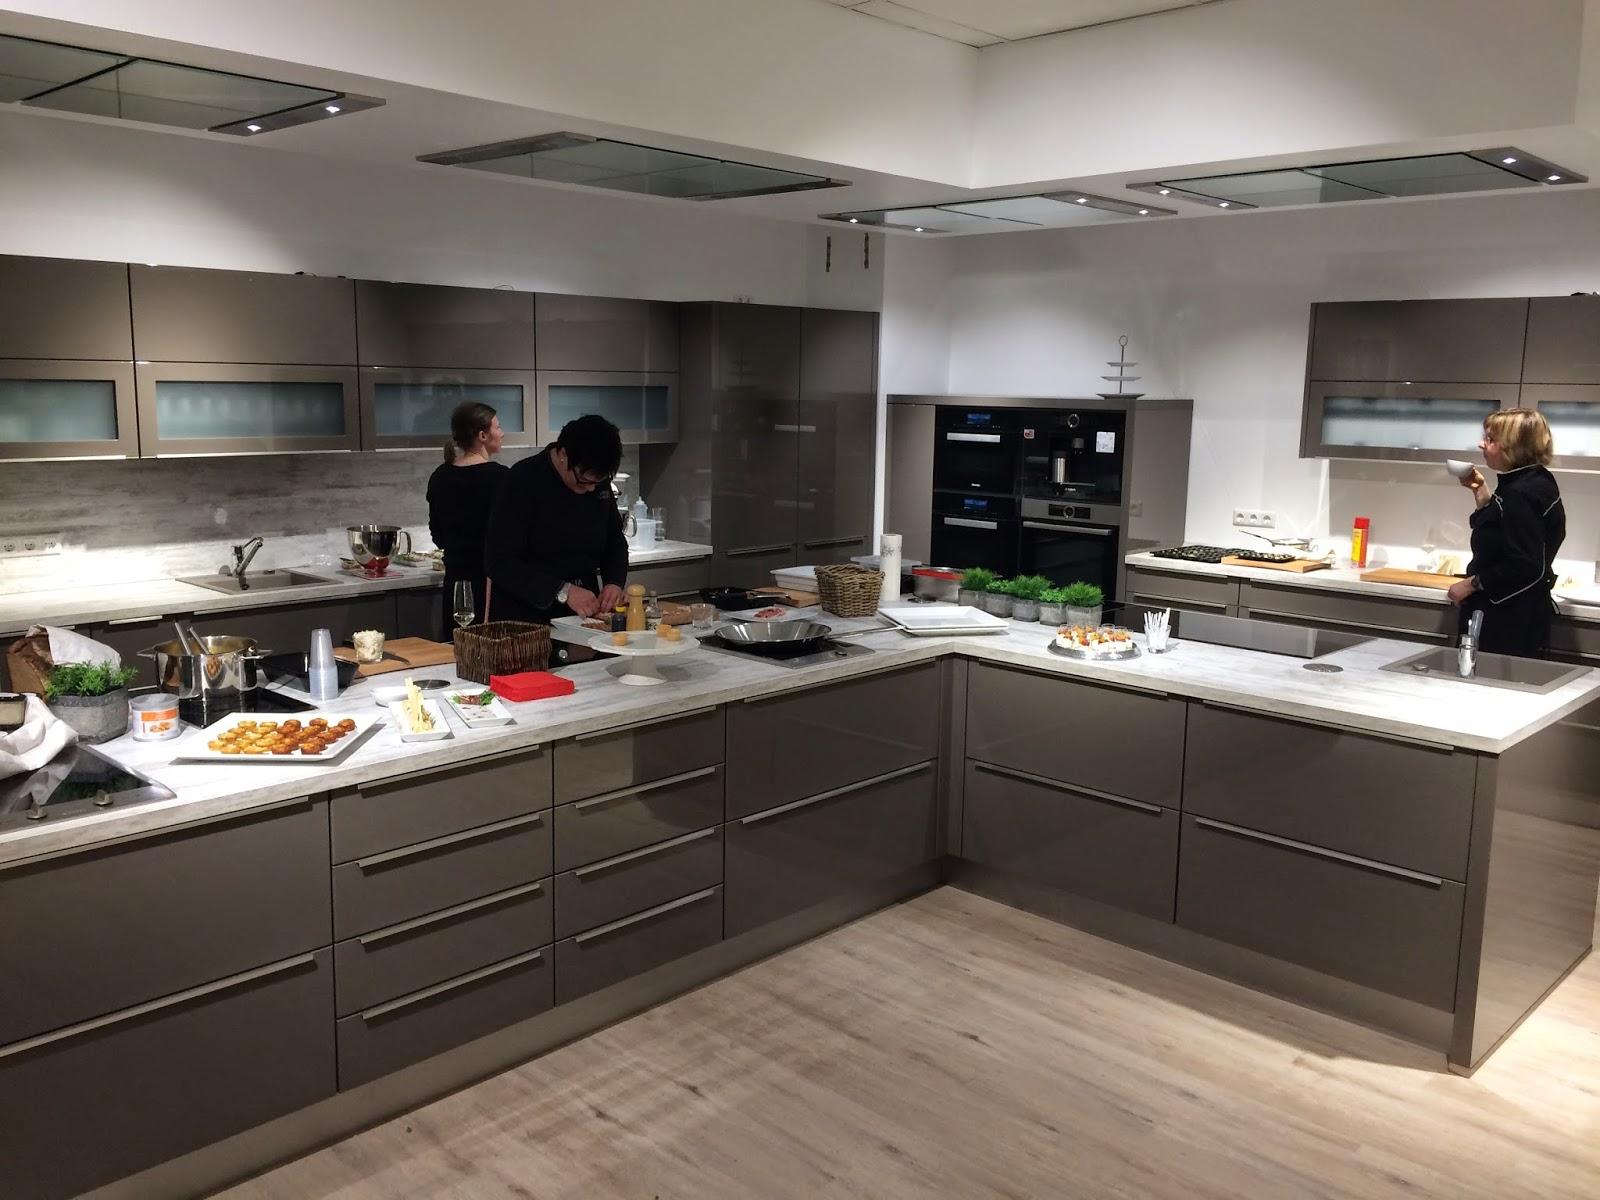 Nach Mehrmonatiger Bauphase Durften Wir Jetzt In Die Neuen Räumlichkeiten  Unseres Partners In Celle, Dem Dortigen Möbelhaus Wallach Einziehen.